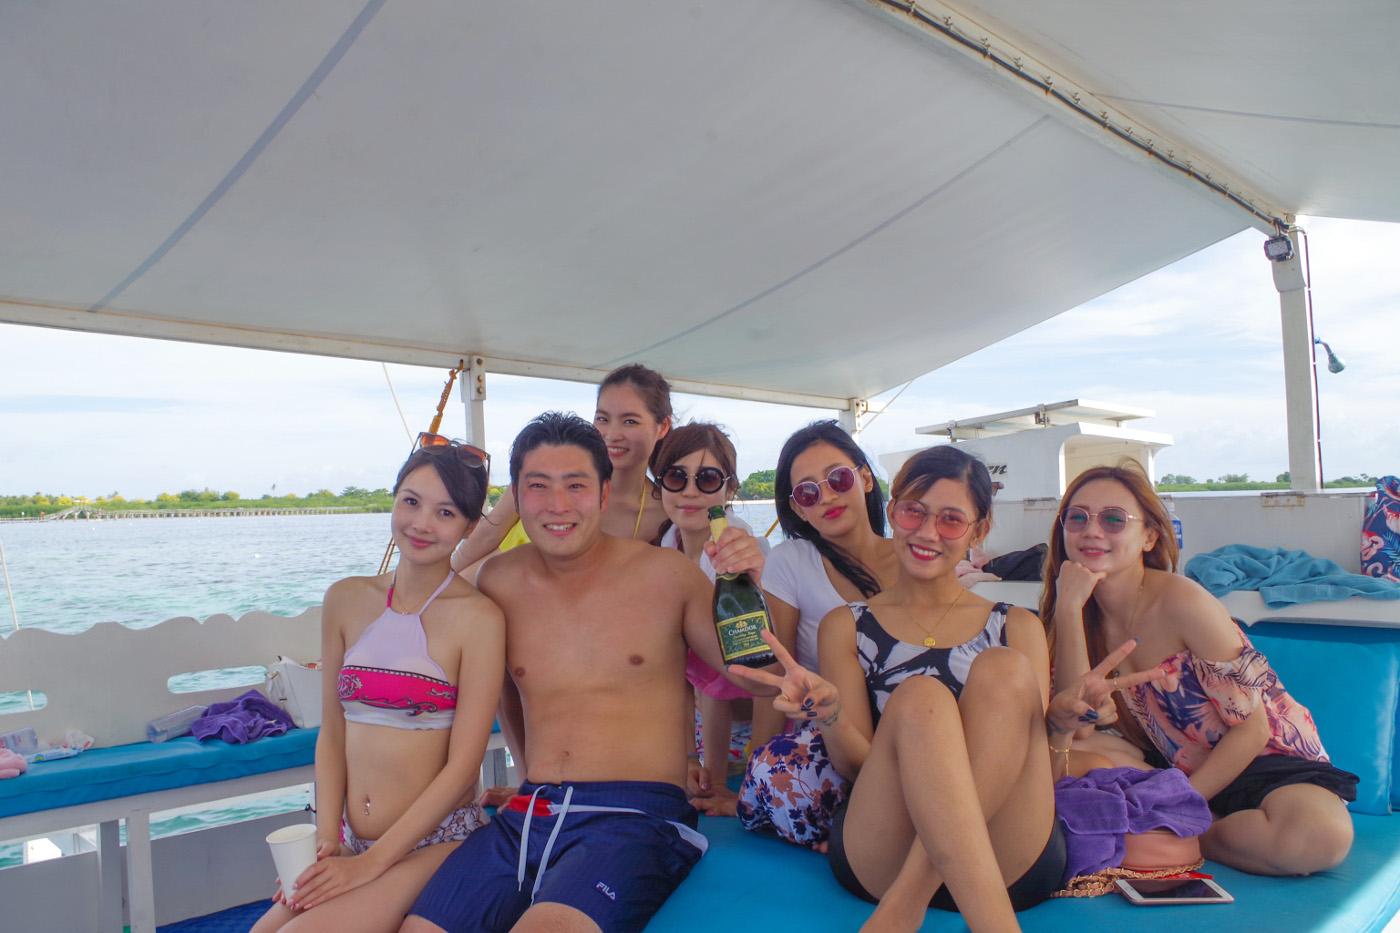 水着美女6人に囲まれてシャンパンを持っている男性